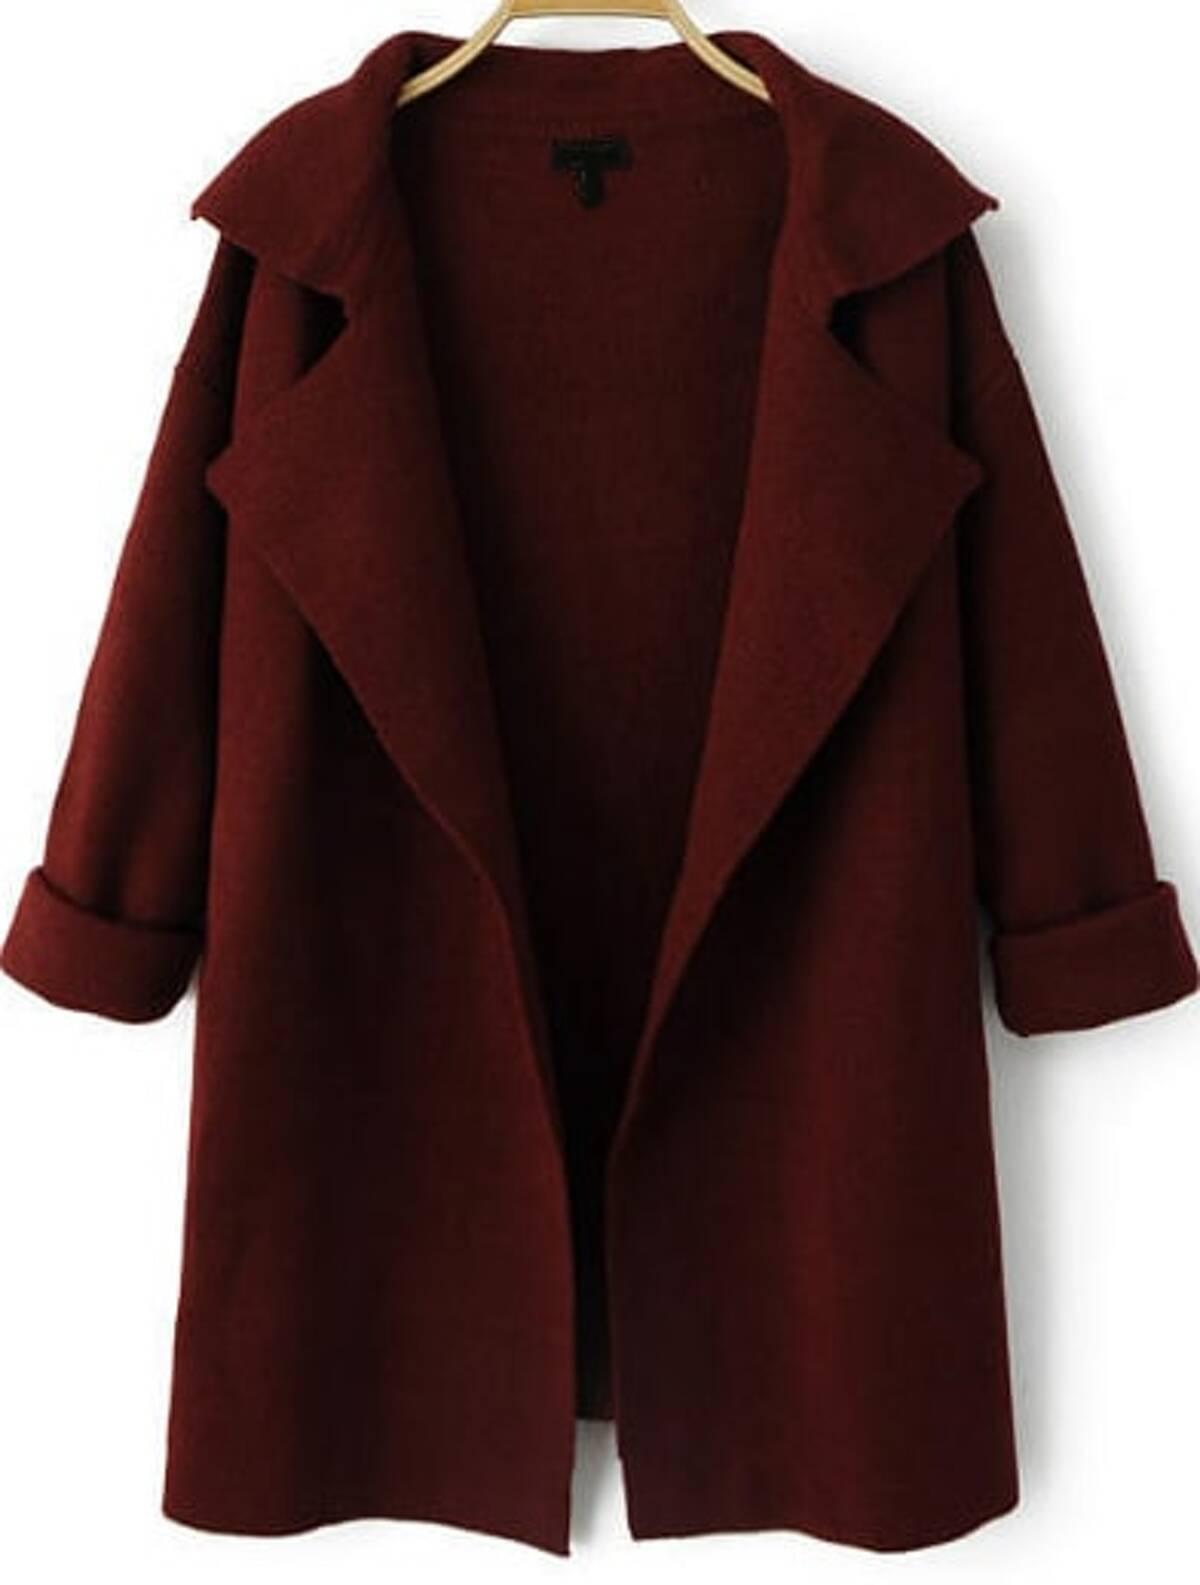 葡萄紅酒色 紅色  翻領 長袖 寬鬆 針織 薄外套